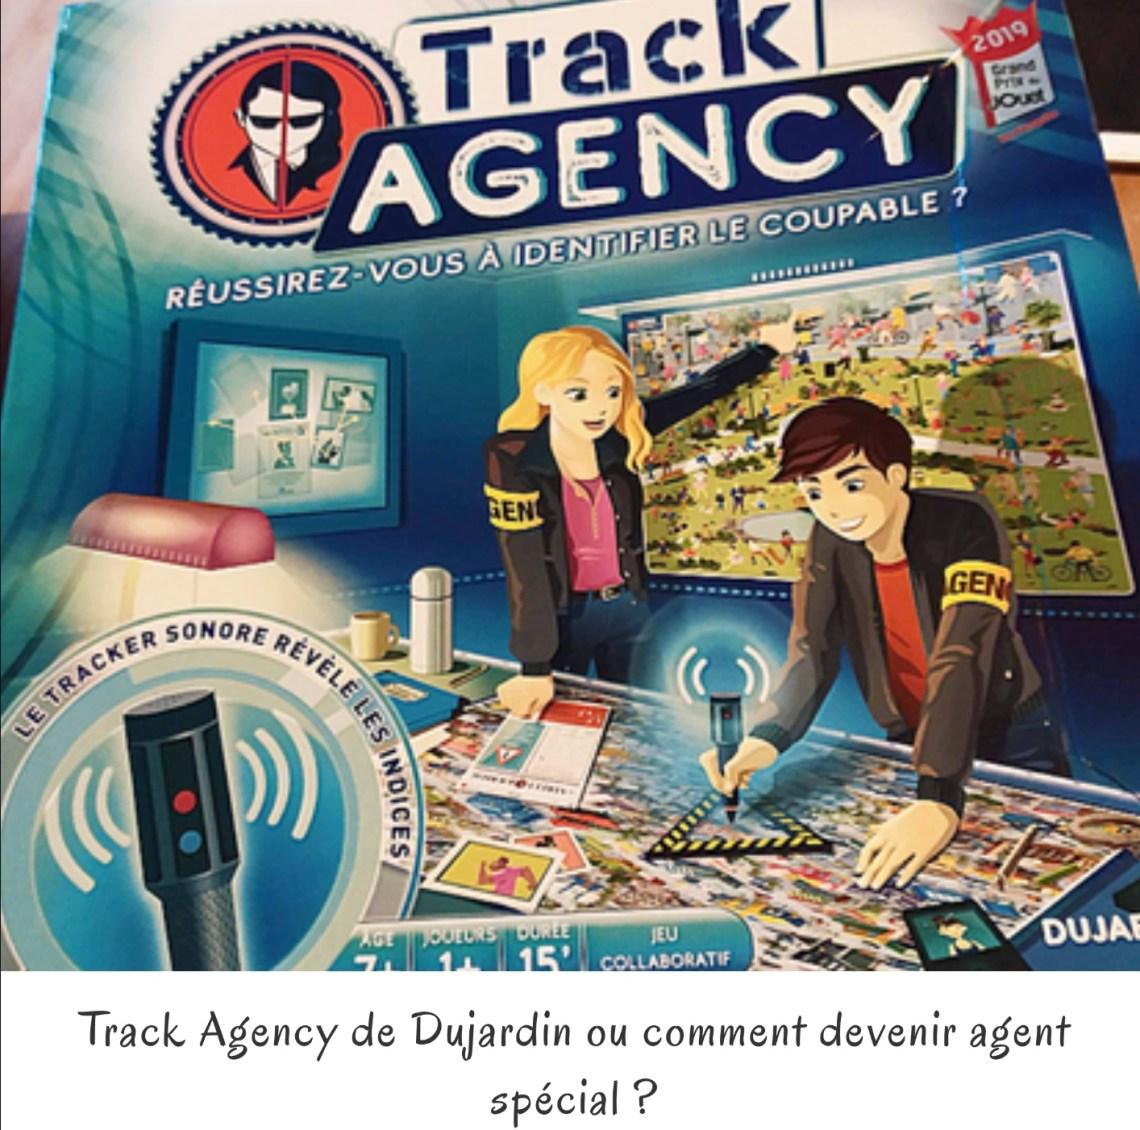 Track Agency de Dujardin ou comment devenir agent spécial ?